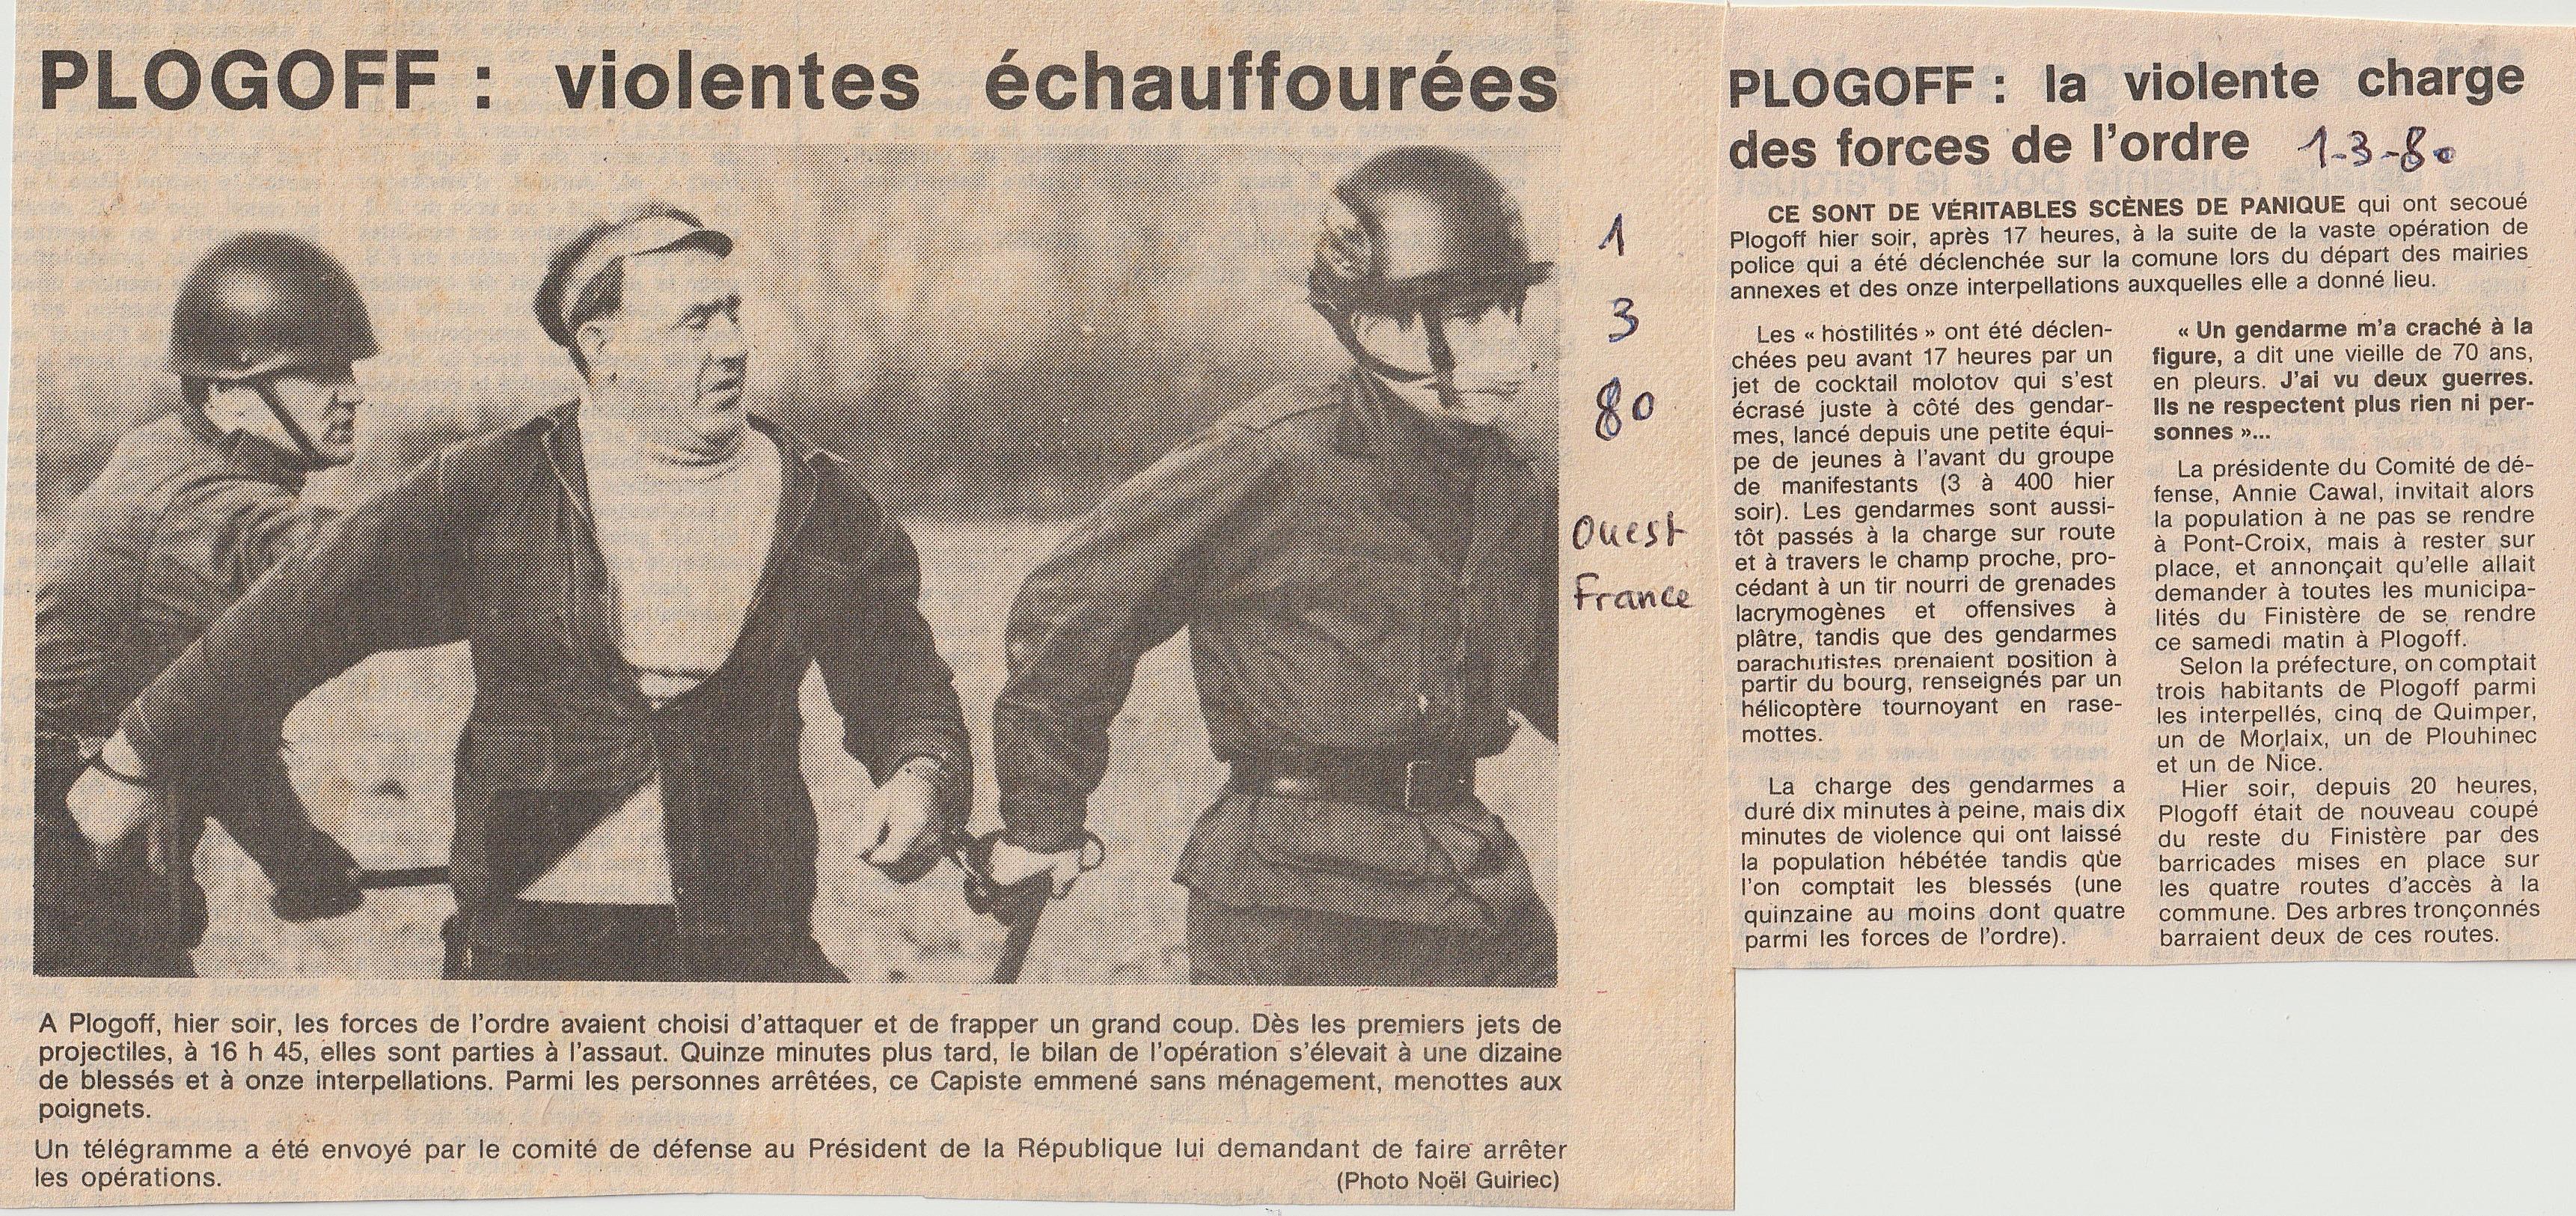 Enquête_Violentes_charges_des_forcces_de